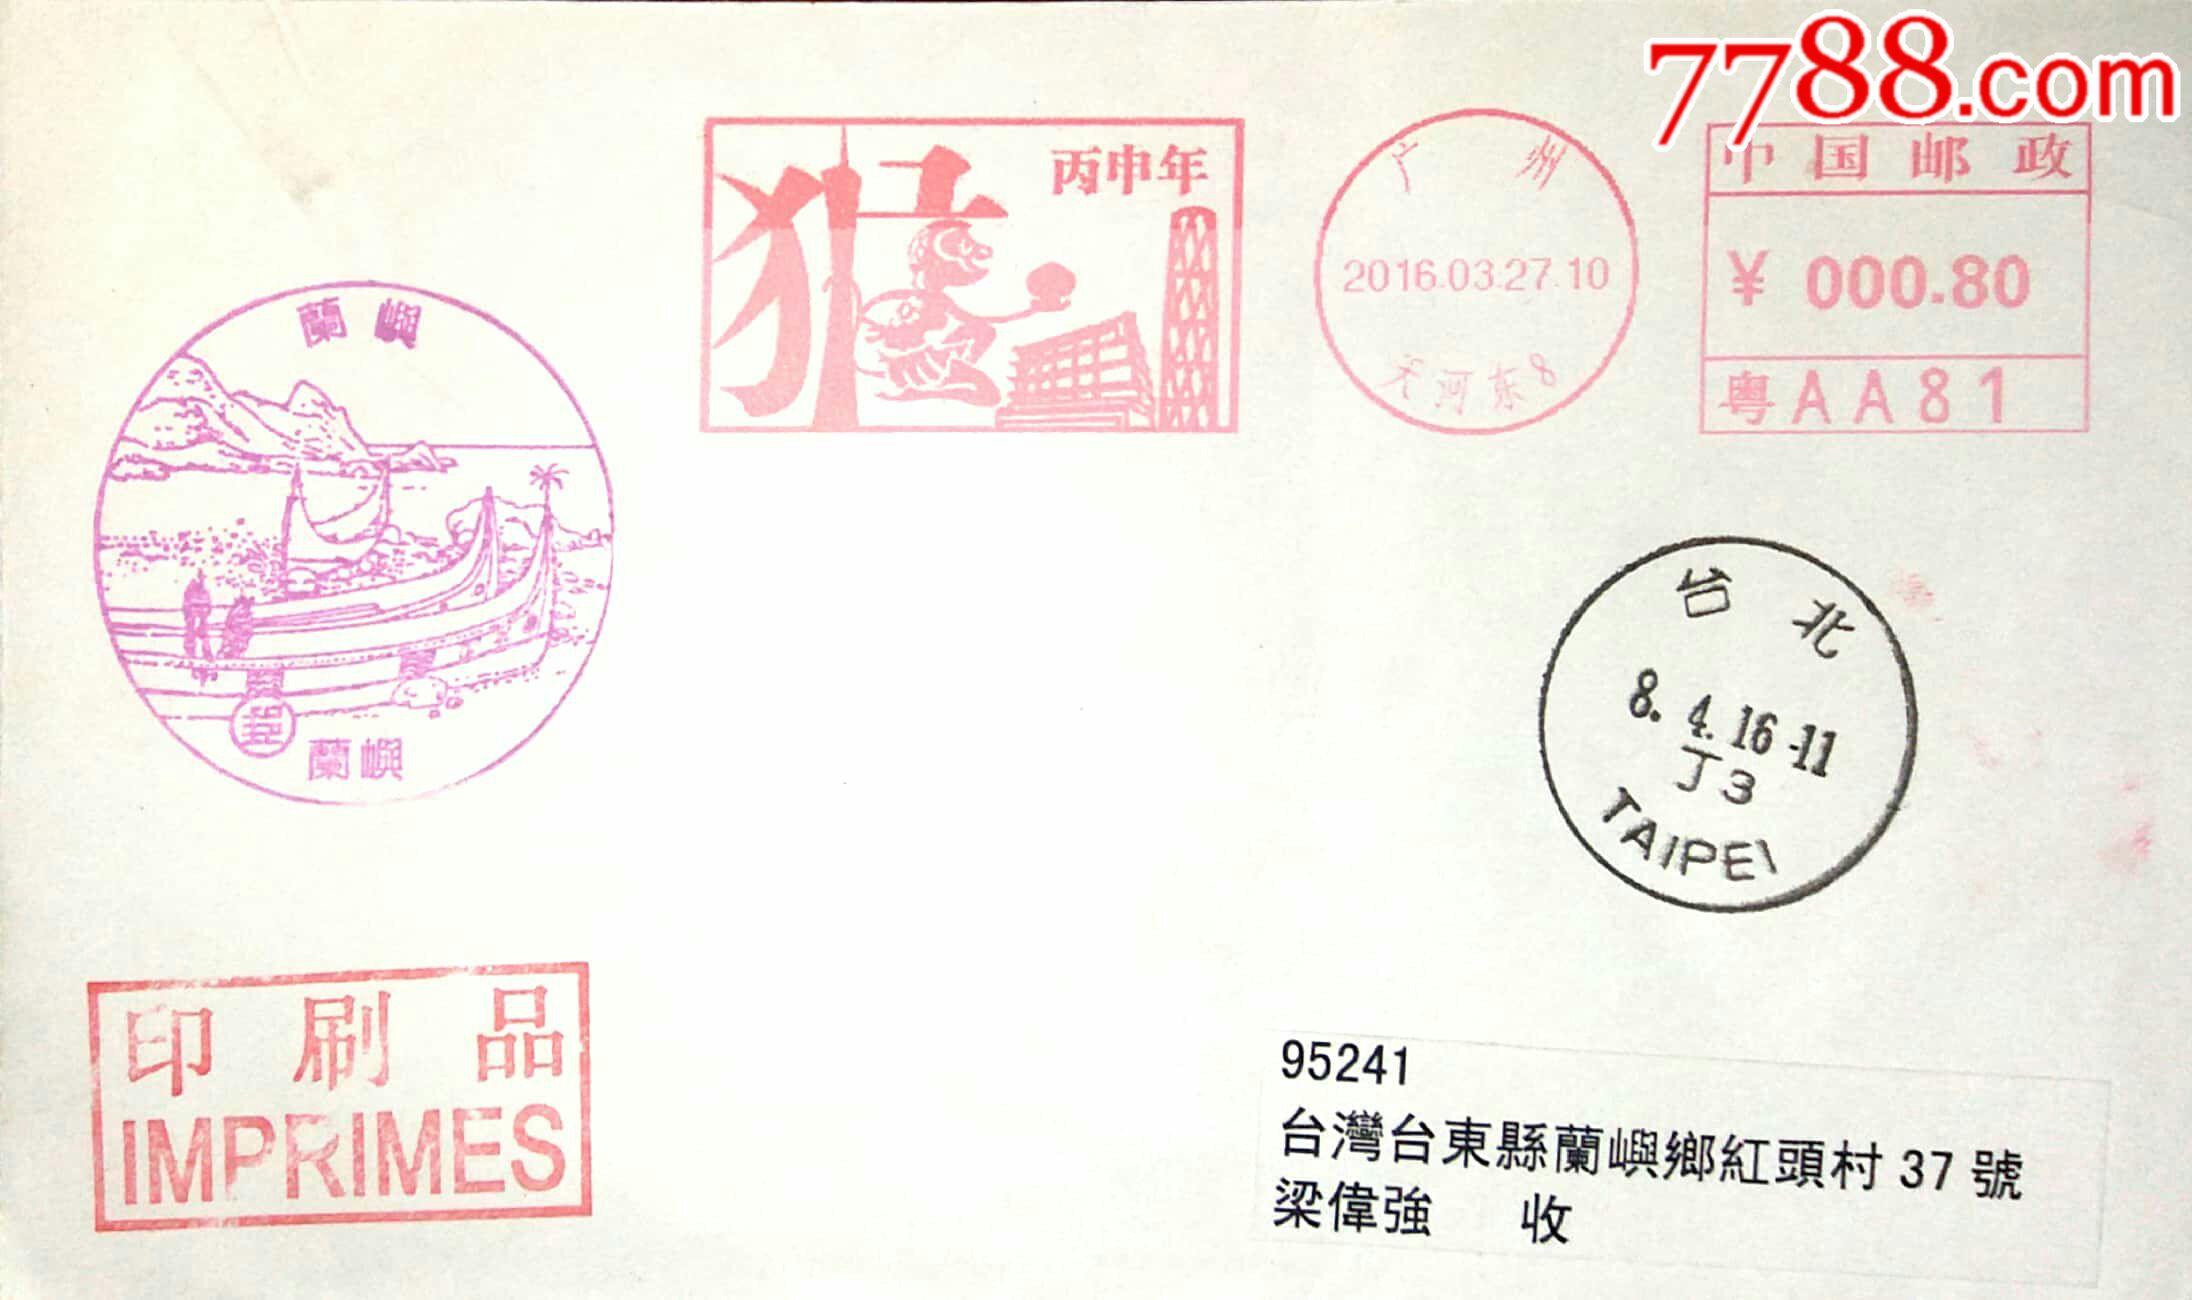 【1元起拍】广州天河东《丙申年_猴》邮资机宣传戳实寄台湾(au20966428)_